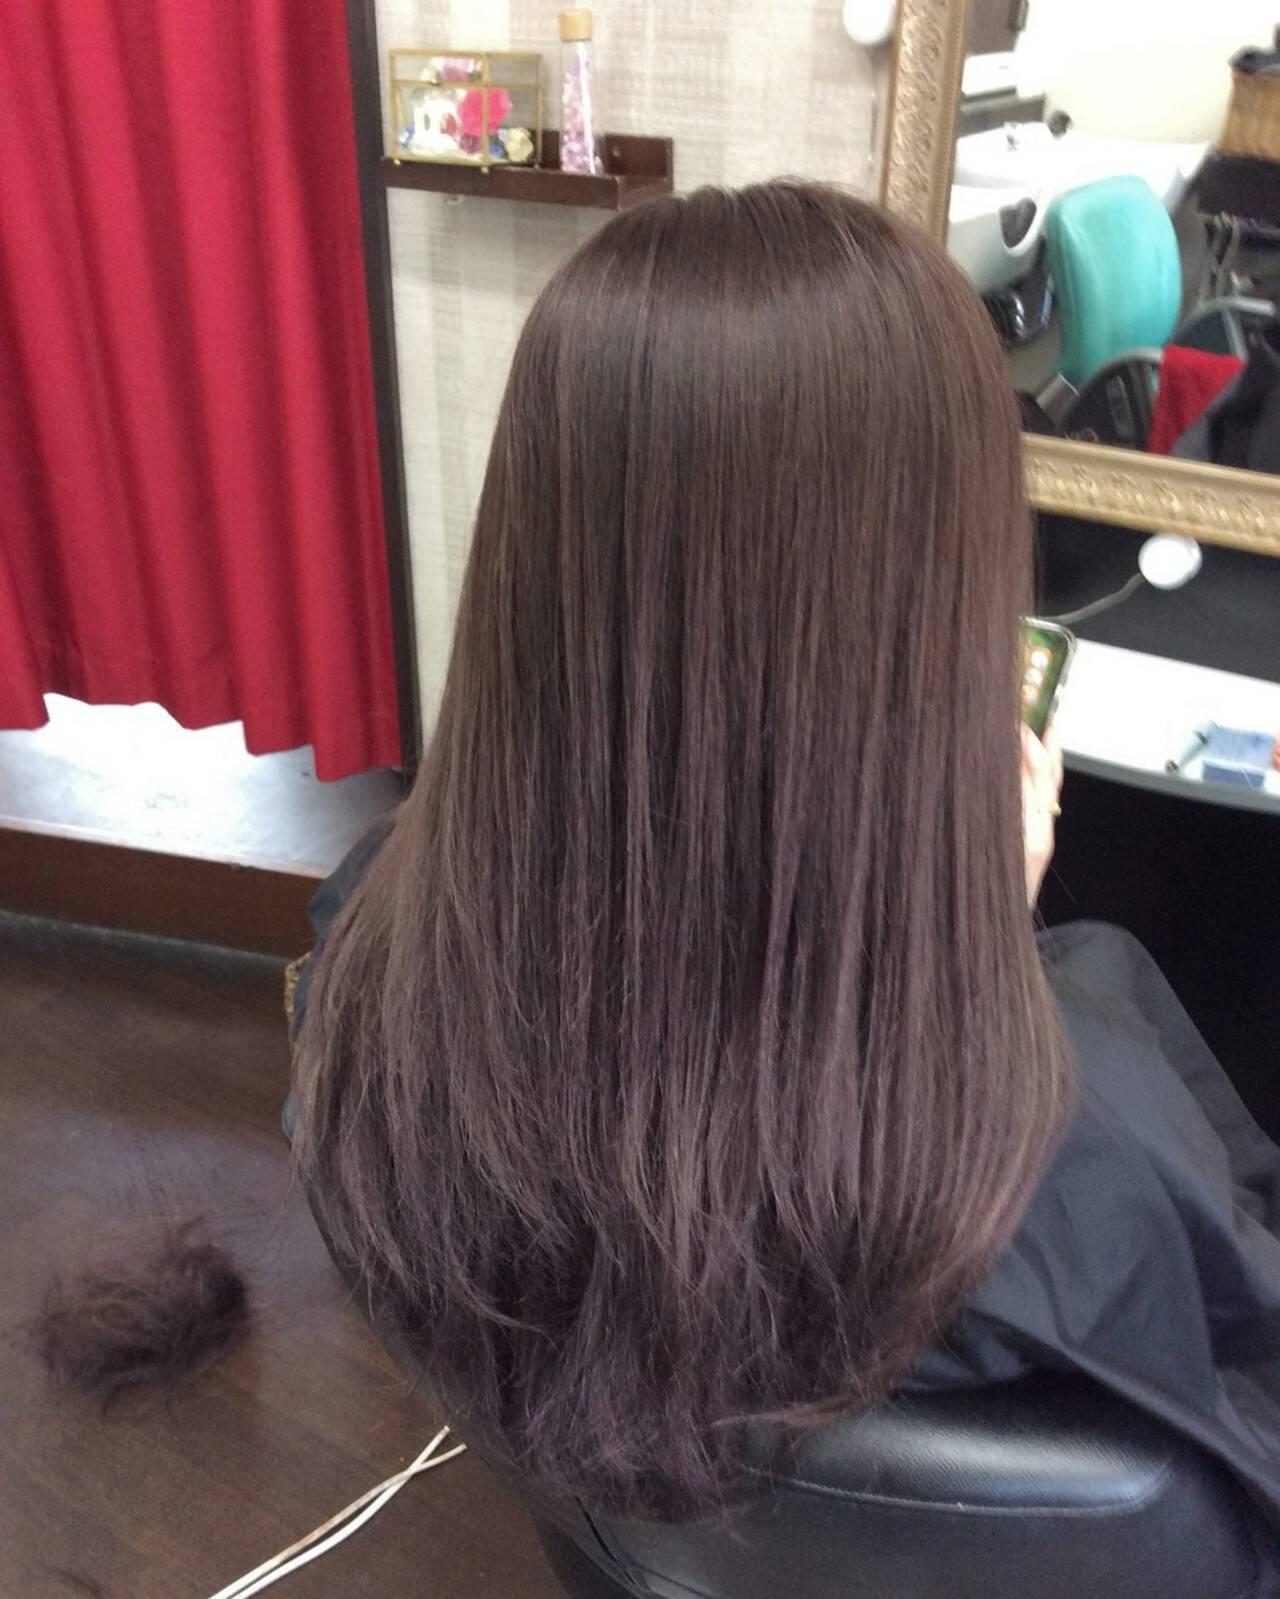 ラベンダーアッシュ セミロング ラベンダー ヘアカラーヘアスタイルや髪型の写真・画像